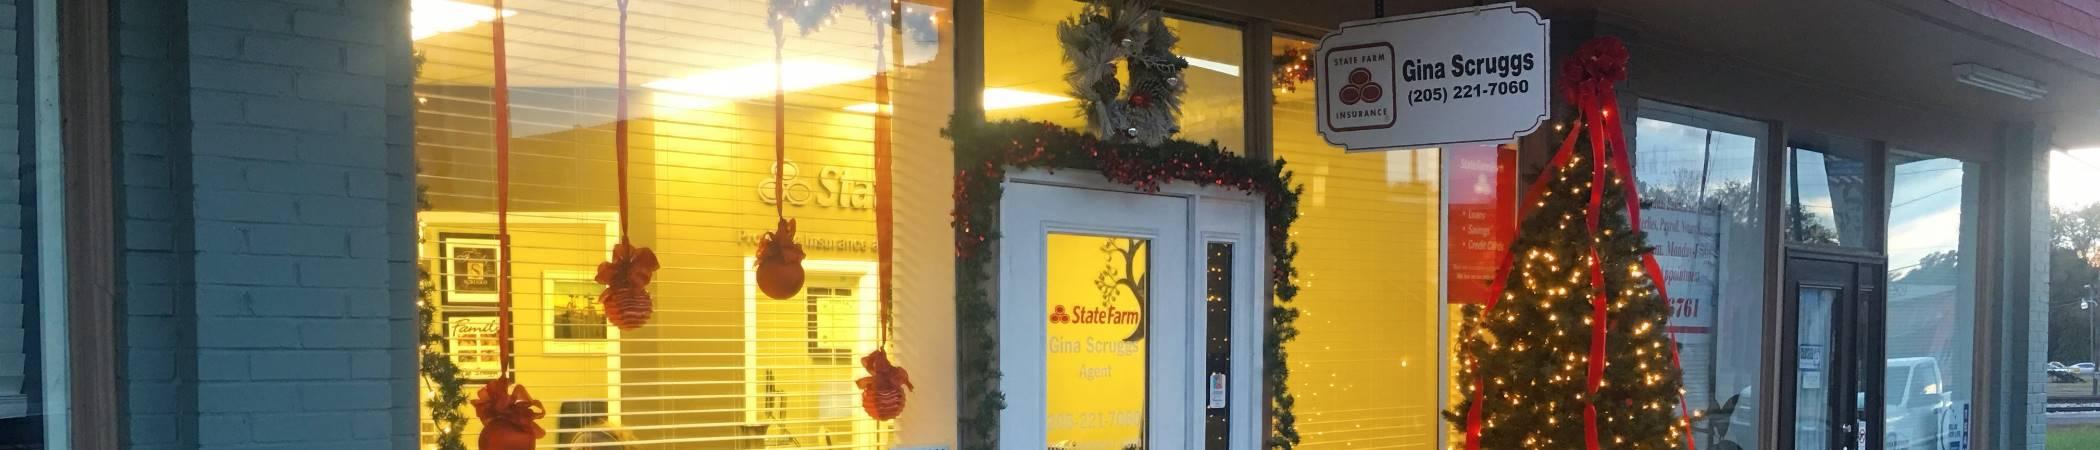 Gina Scruggs State Farm Insurance in Jasper, AL | Home, Auto Insurance & more